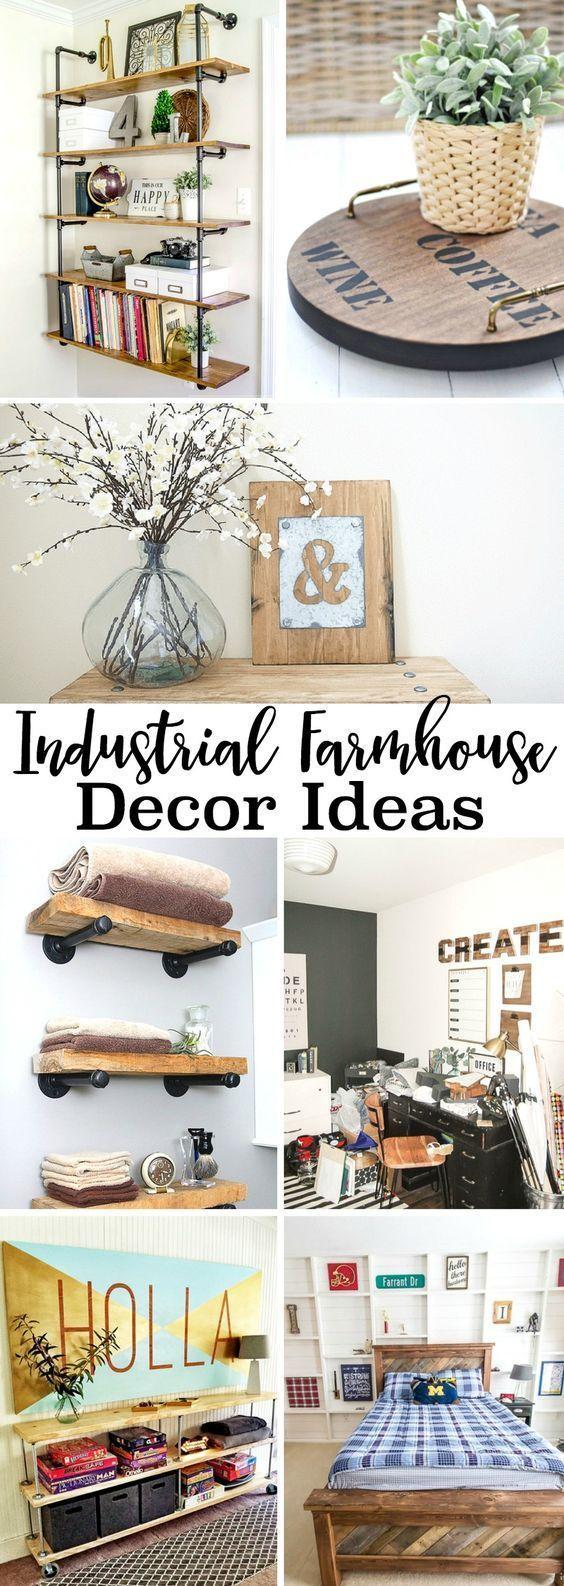 Industrial Farmhouse Decor Ideas Industrial farmhouse decor ideas